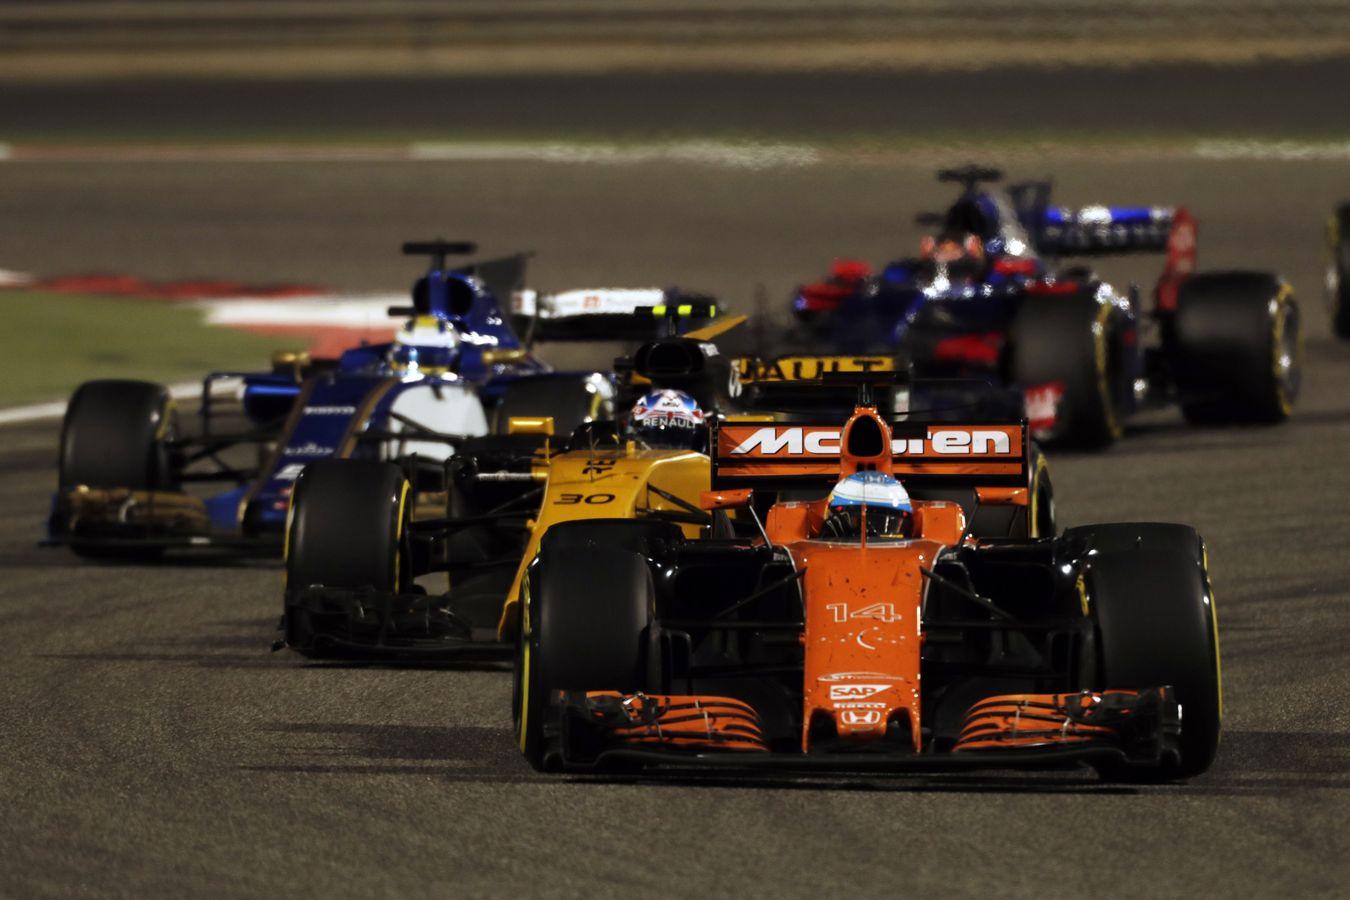 mclaren formula 1 - 2017 bahrain grand prix